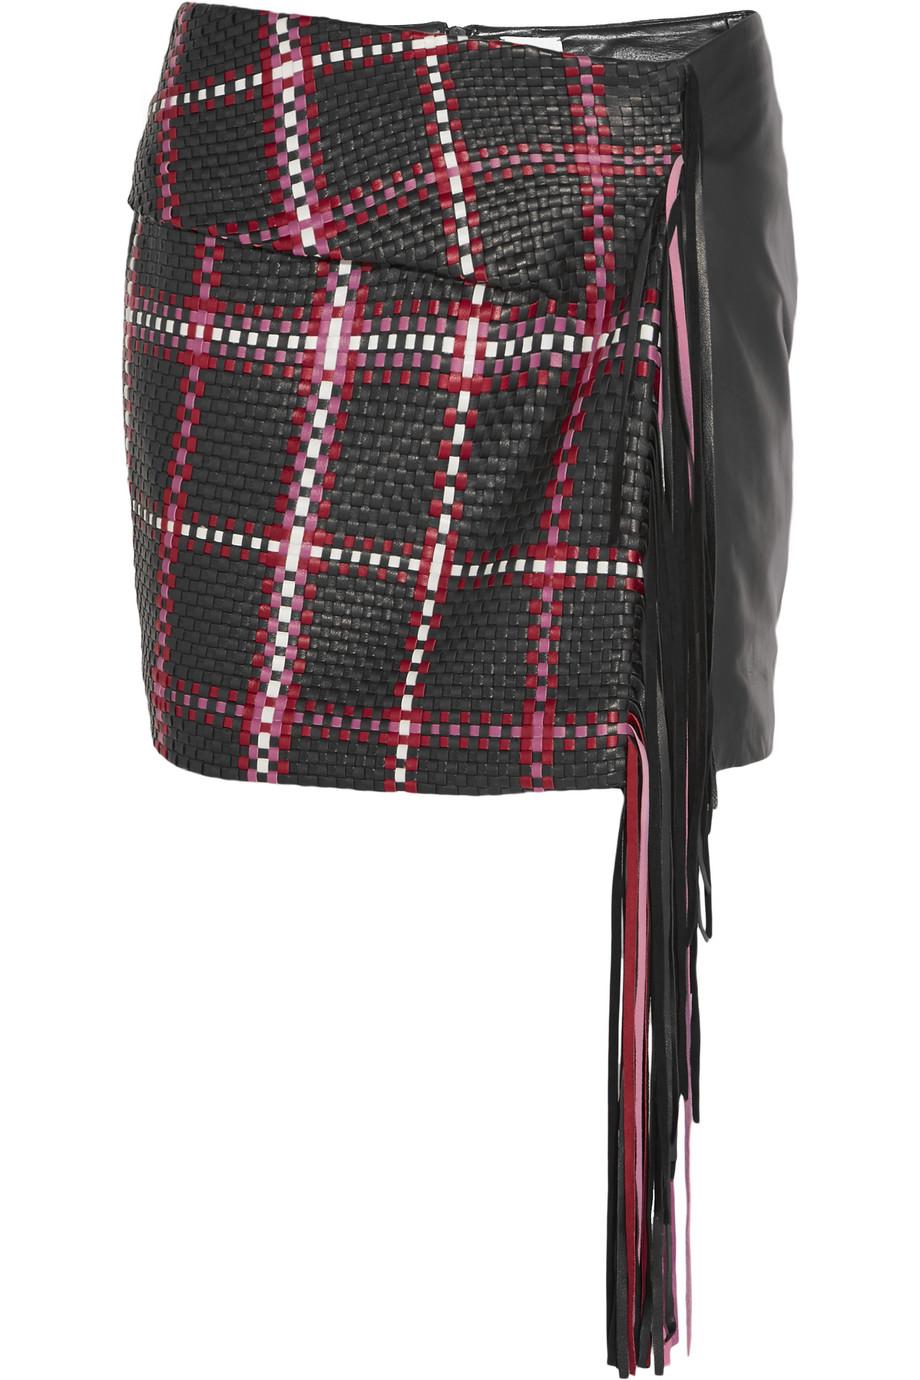 Santa Fe Fringed Woven Leather Mini Skirt, Black, Women's, Size: 40